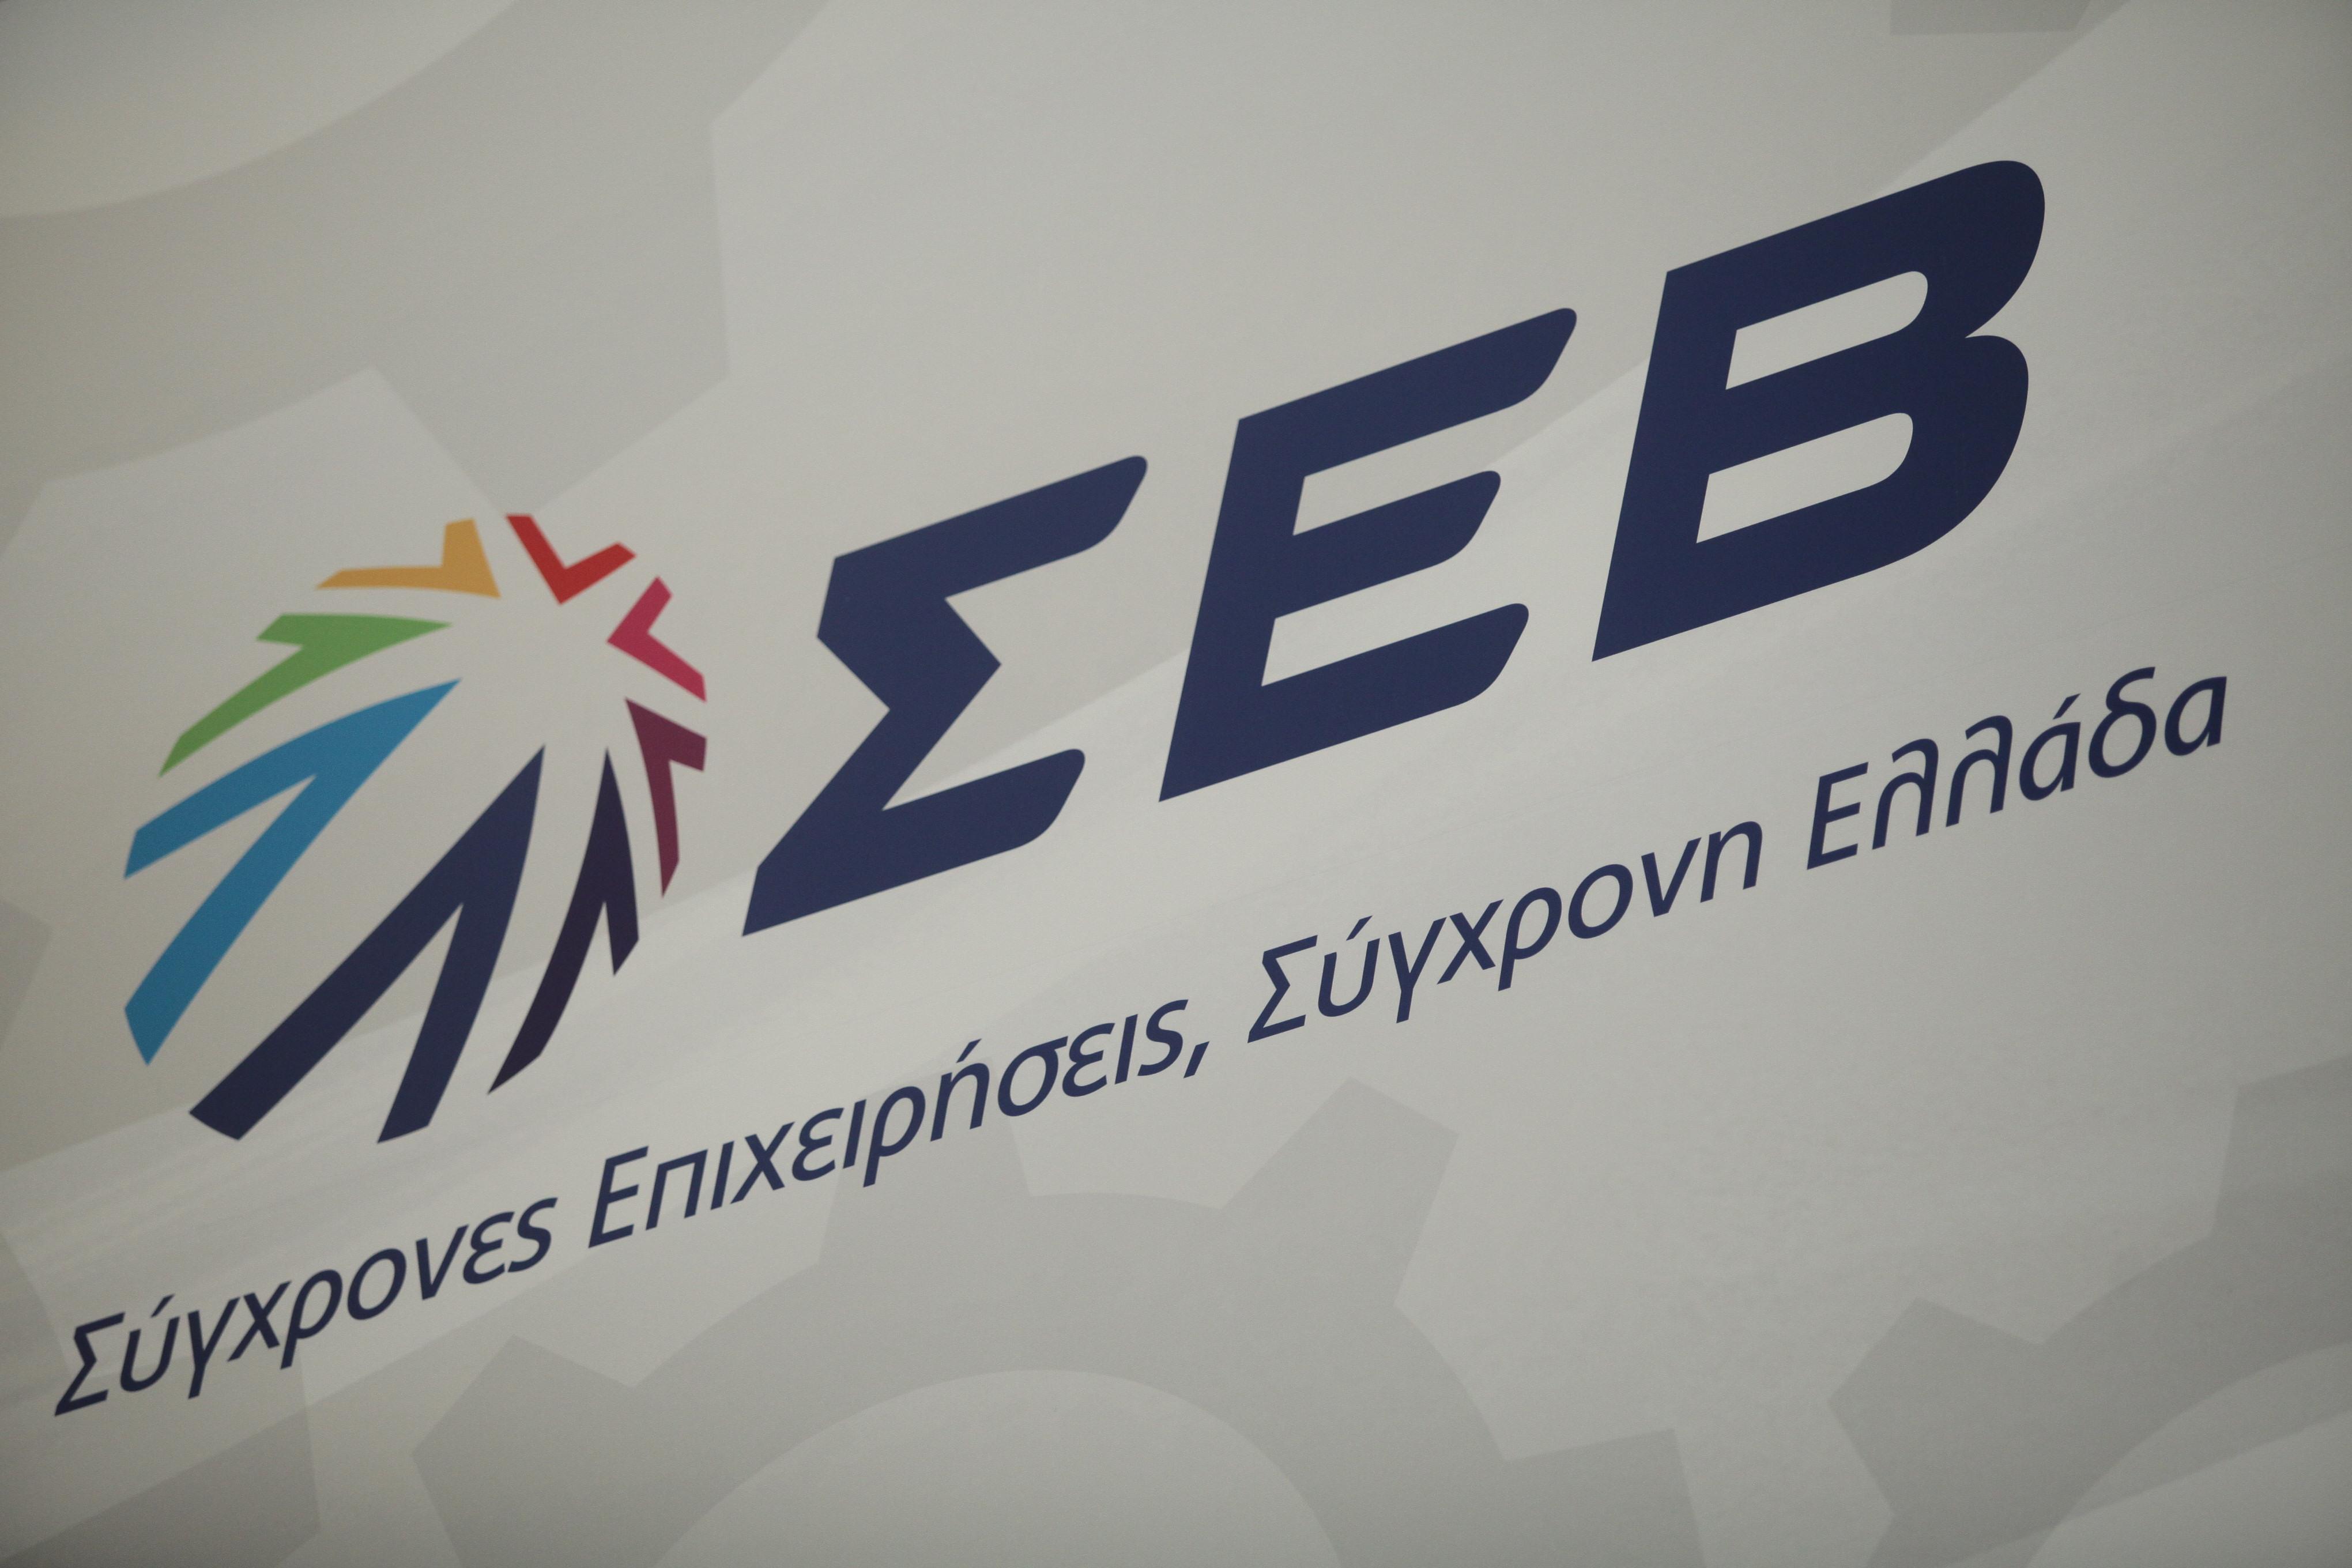 ΣΕΒ: Υπερφορολόγηση και υπερρύθμιση, εμπόδια στην ευημερία της χώρας | tovima.gr